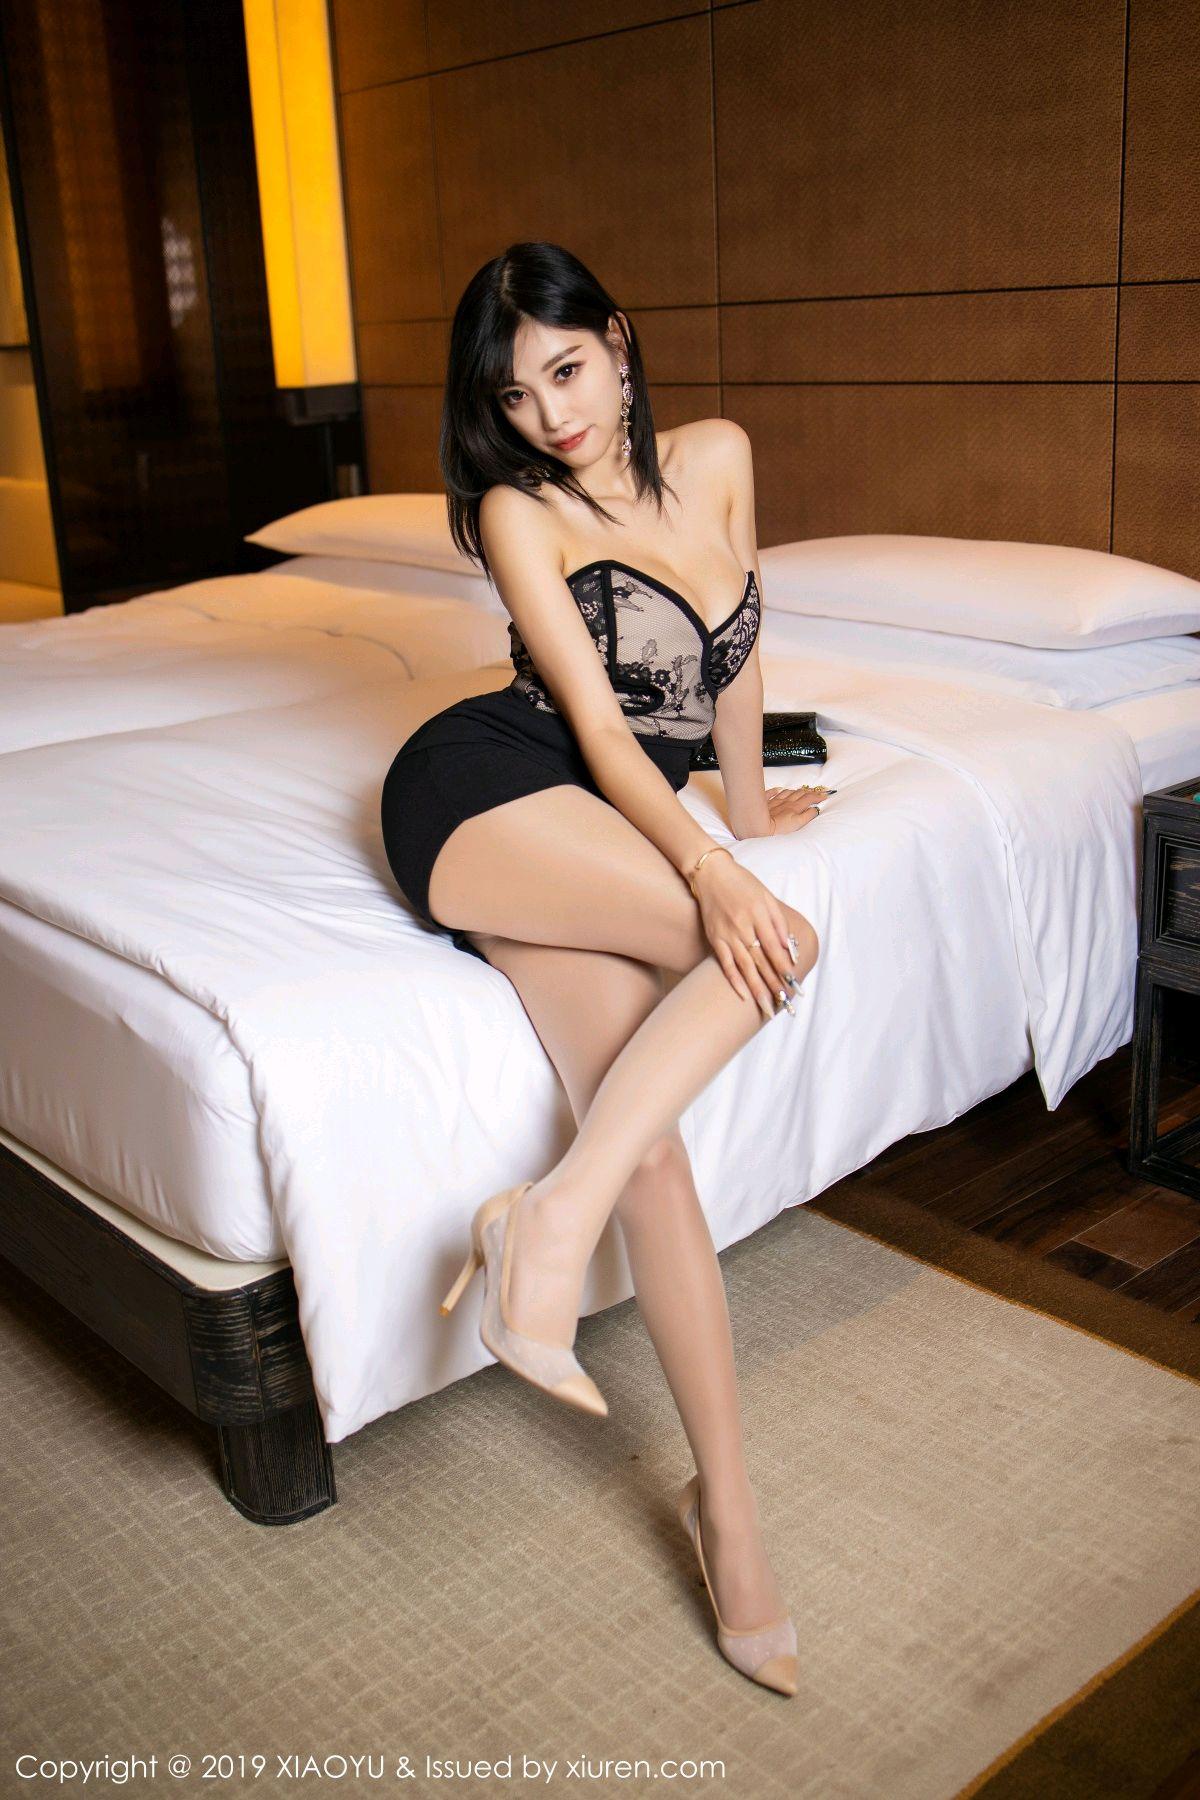 [XiaoYu] Vol.209 Yang Chen Chen 17P, Underwear, XiaoYu, Yang Chen Chen